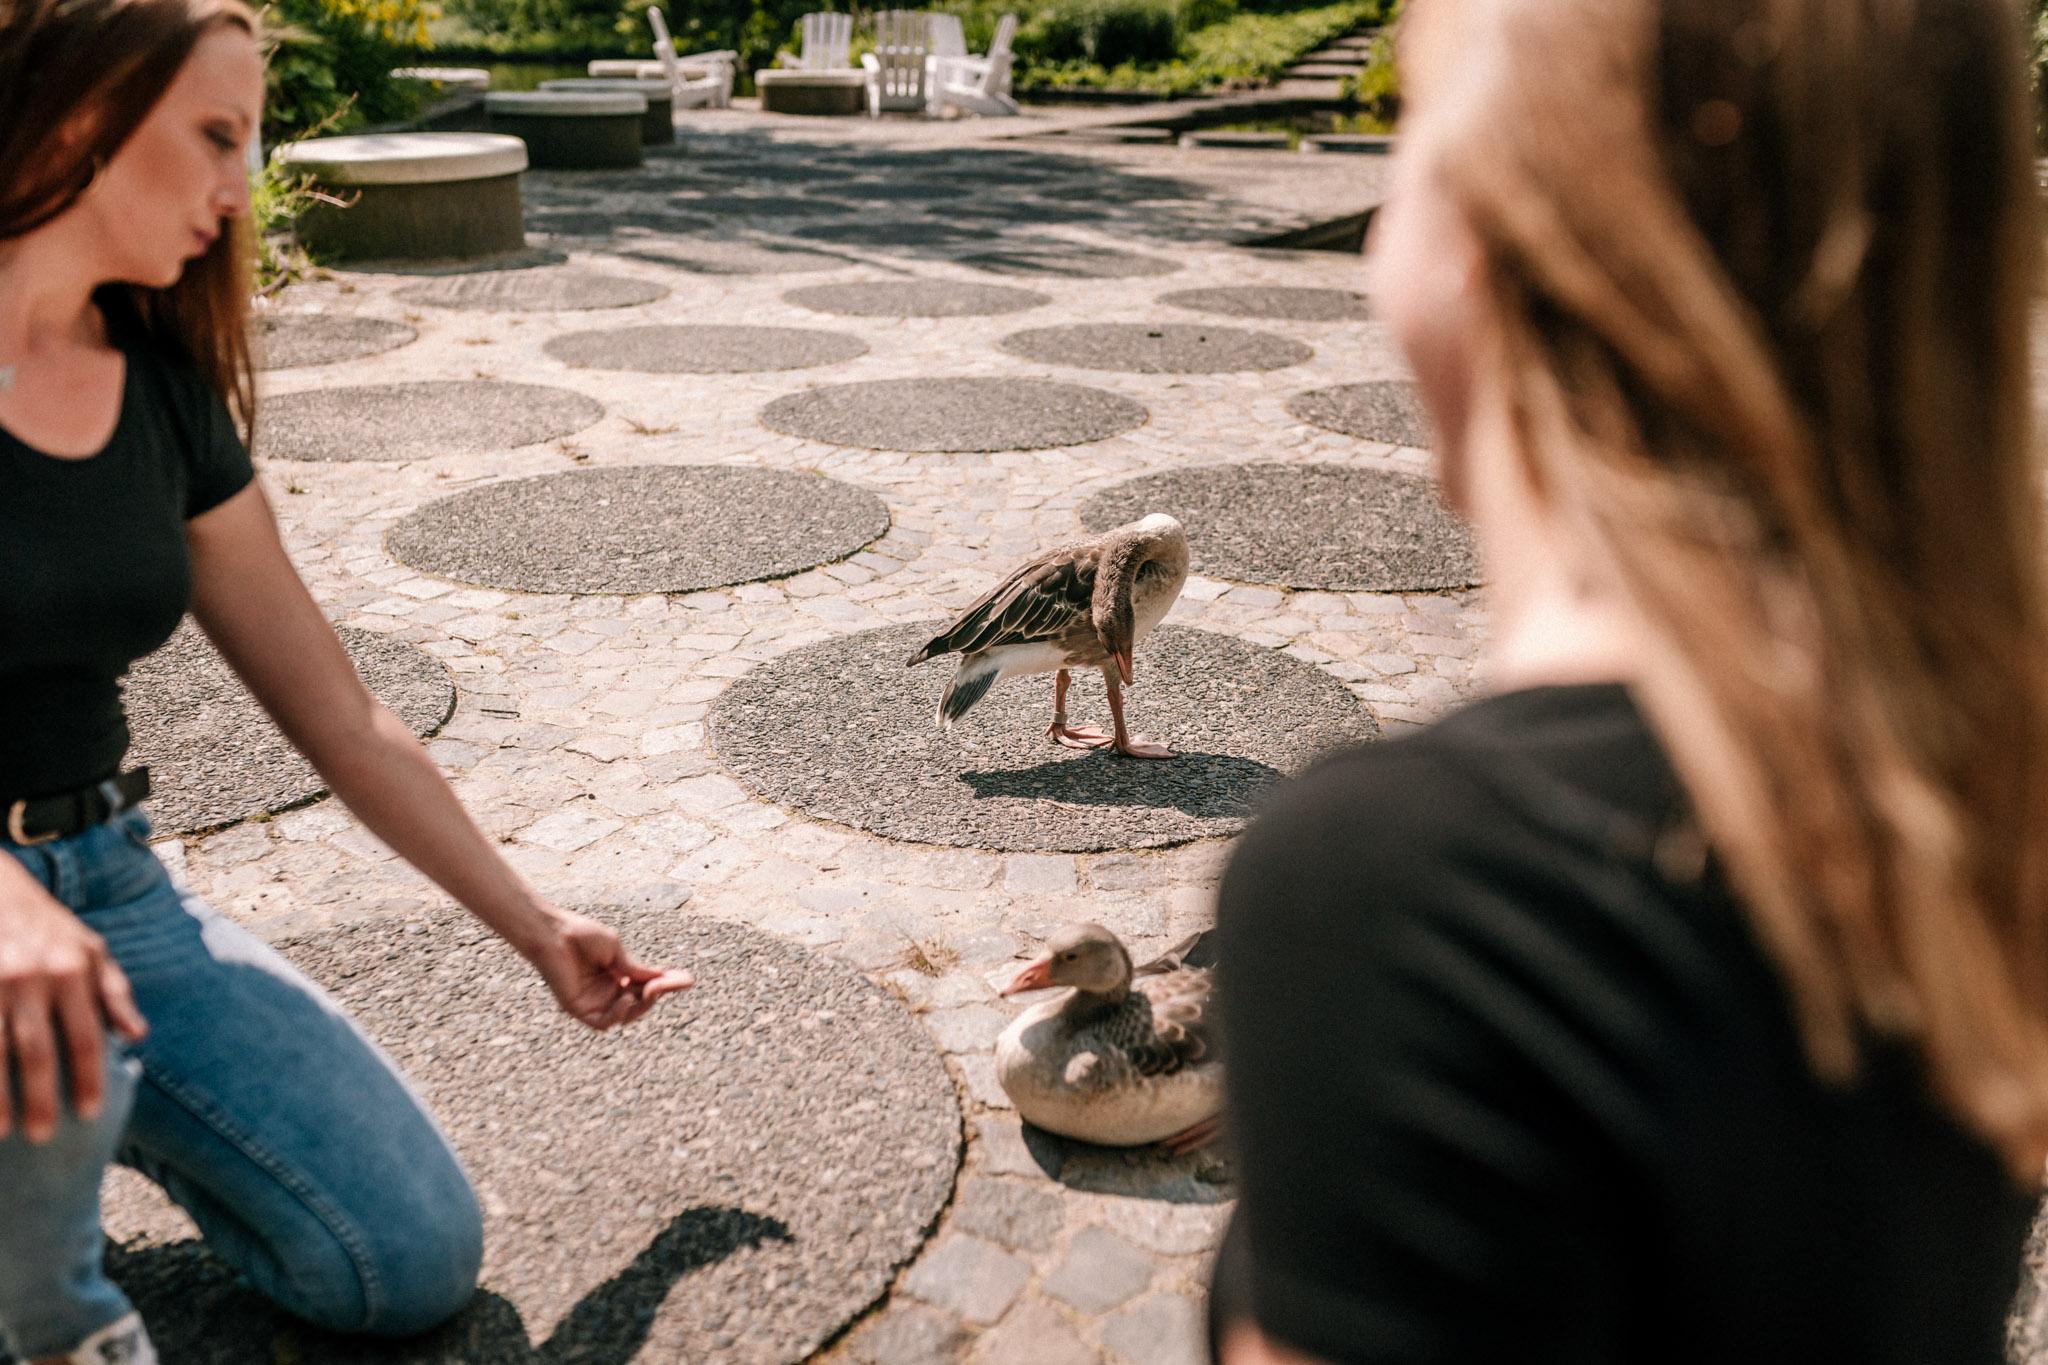 Hochzeitsfieber by Photo-Schomburg, Sven Schomburg Hochzeitsfotografie, Geschwistershooting, Hamburg, Planten un Blomen-21